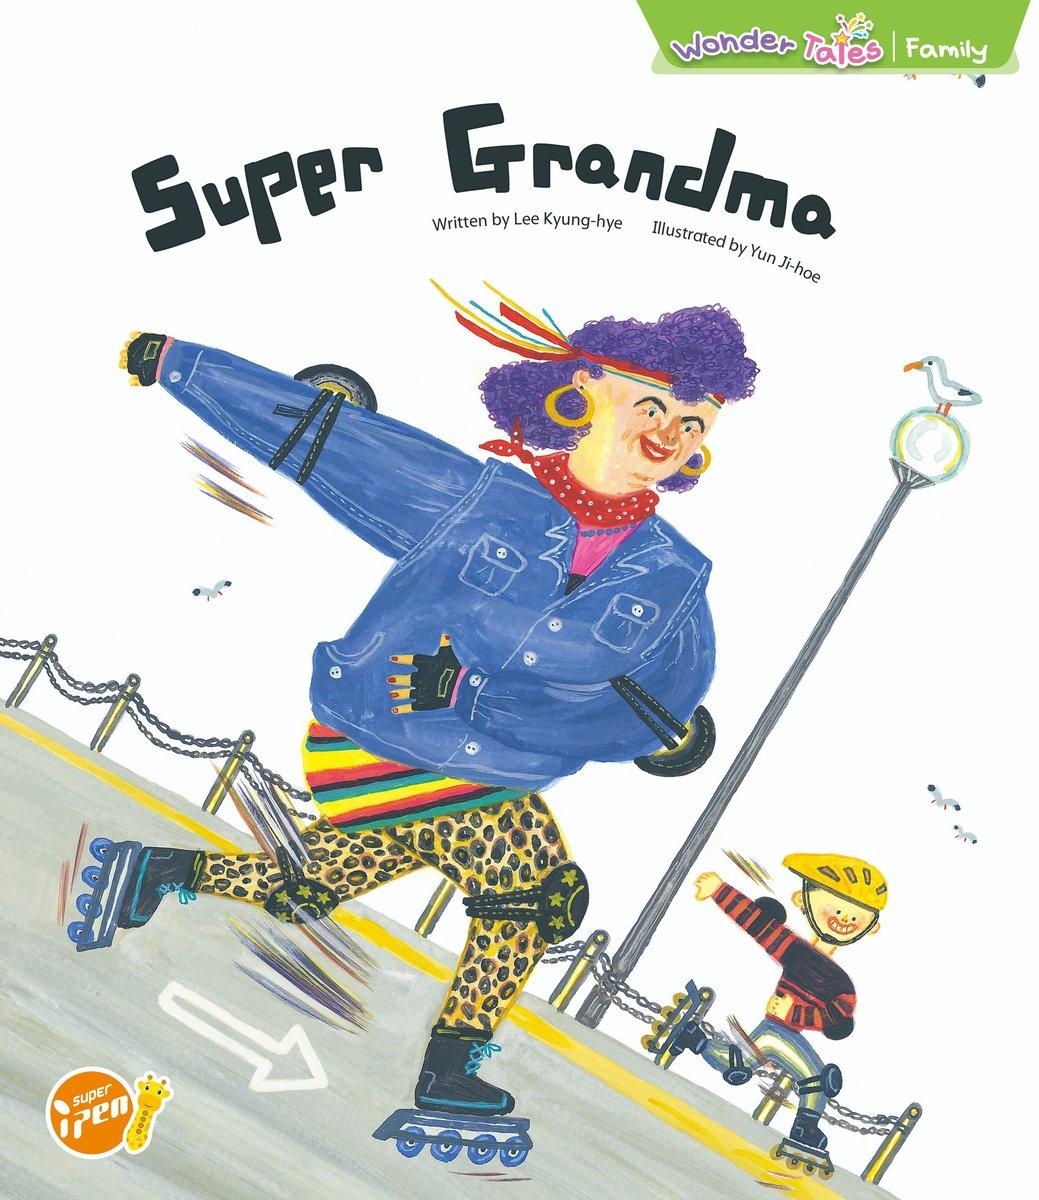 Wonder Tales 英文繪本  (K3)—Super Grandma